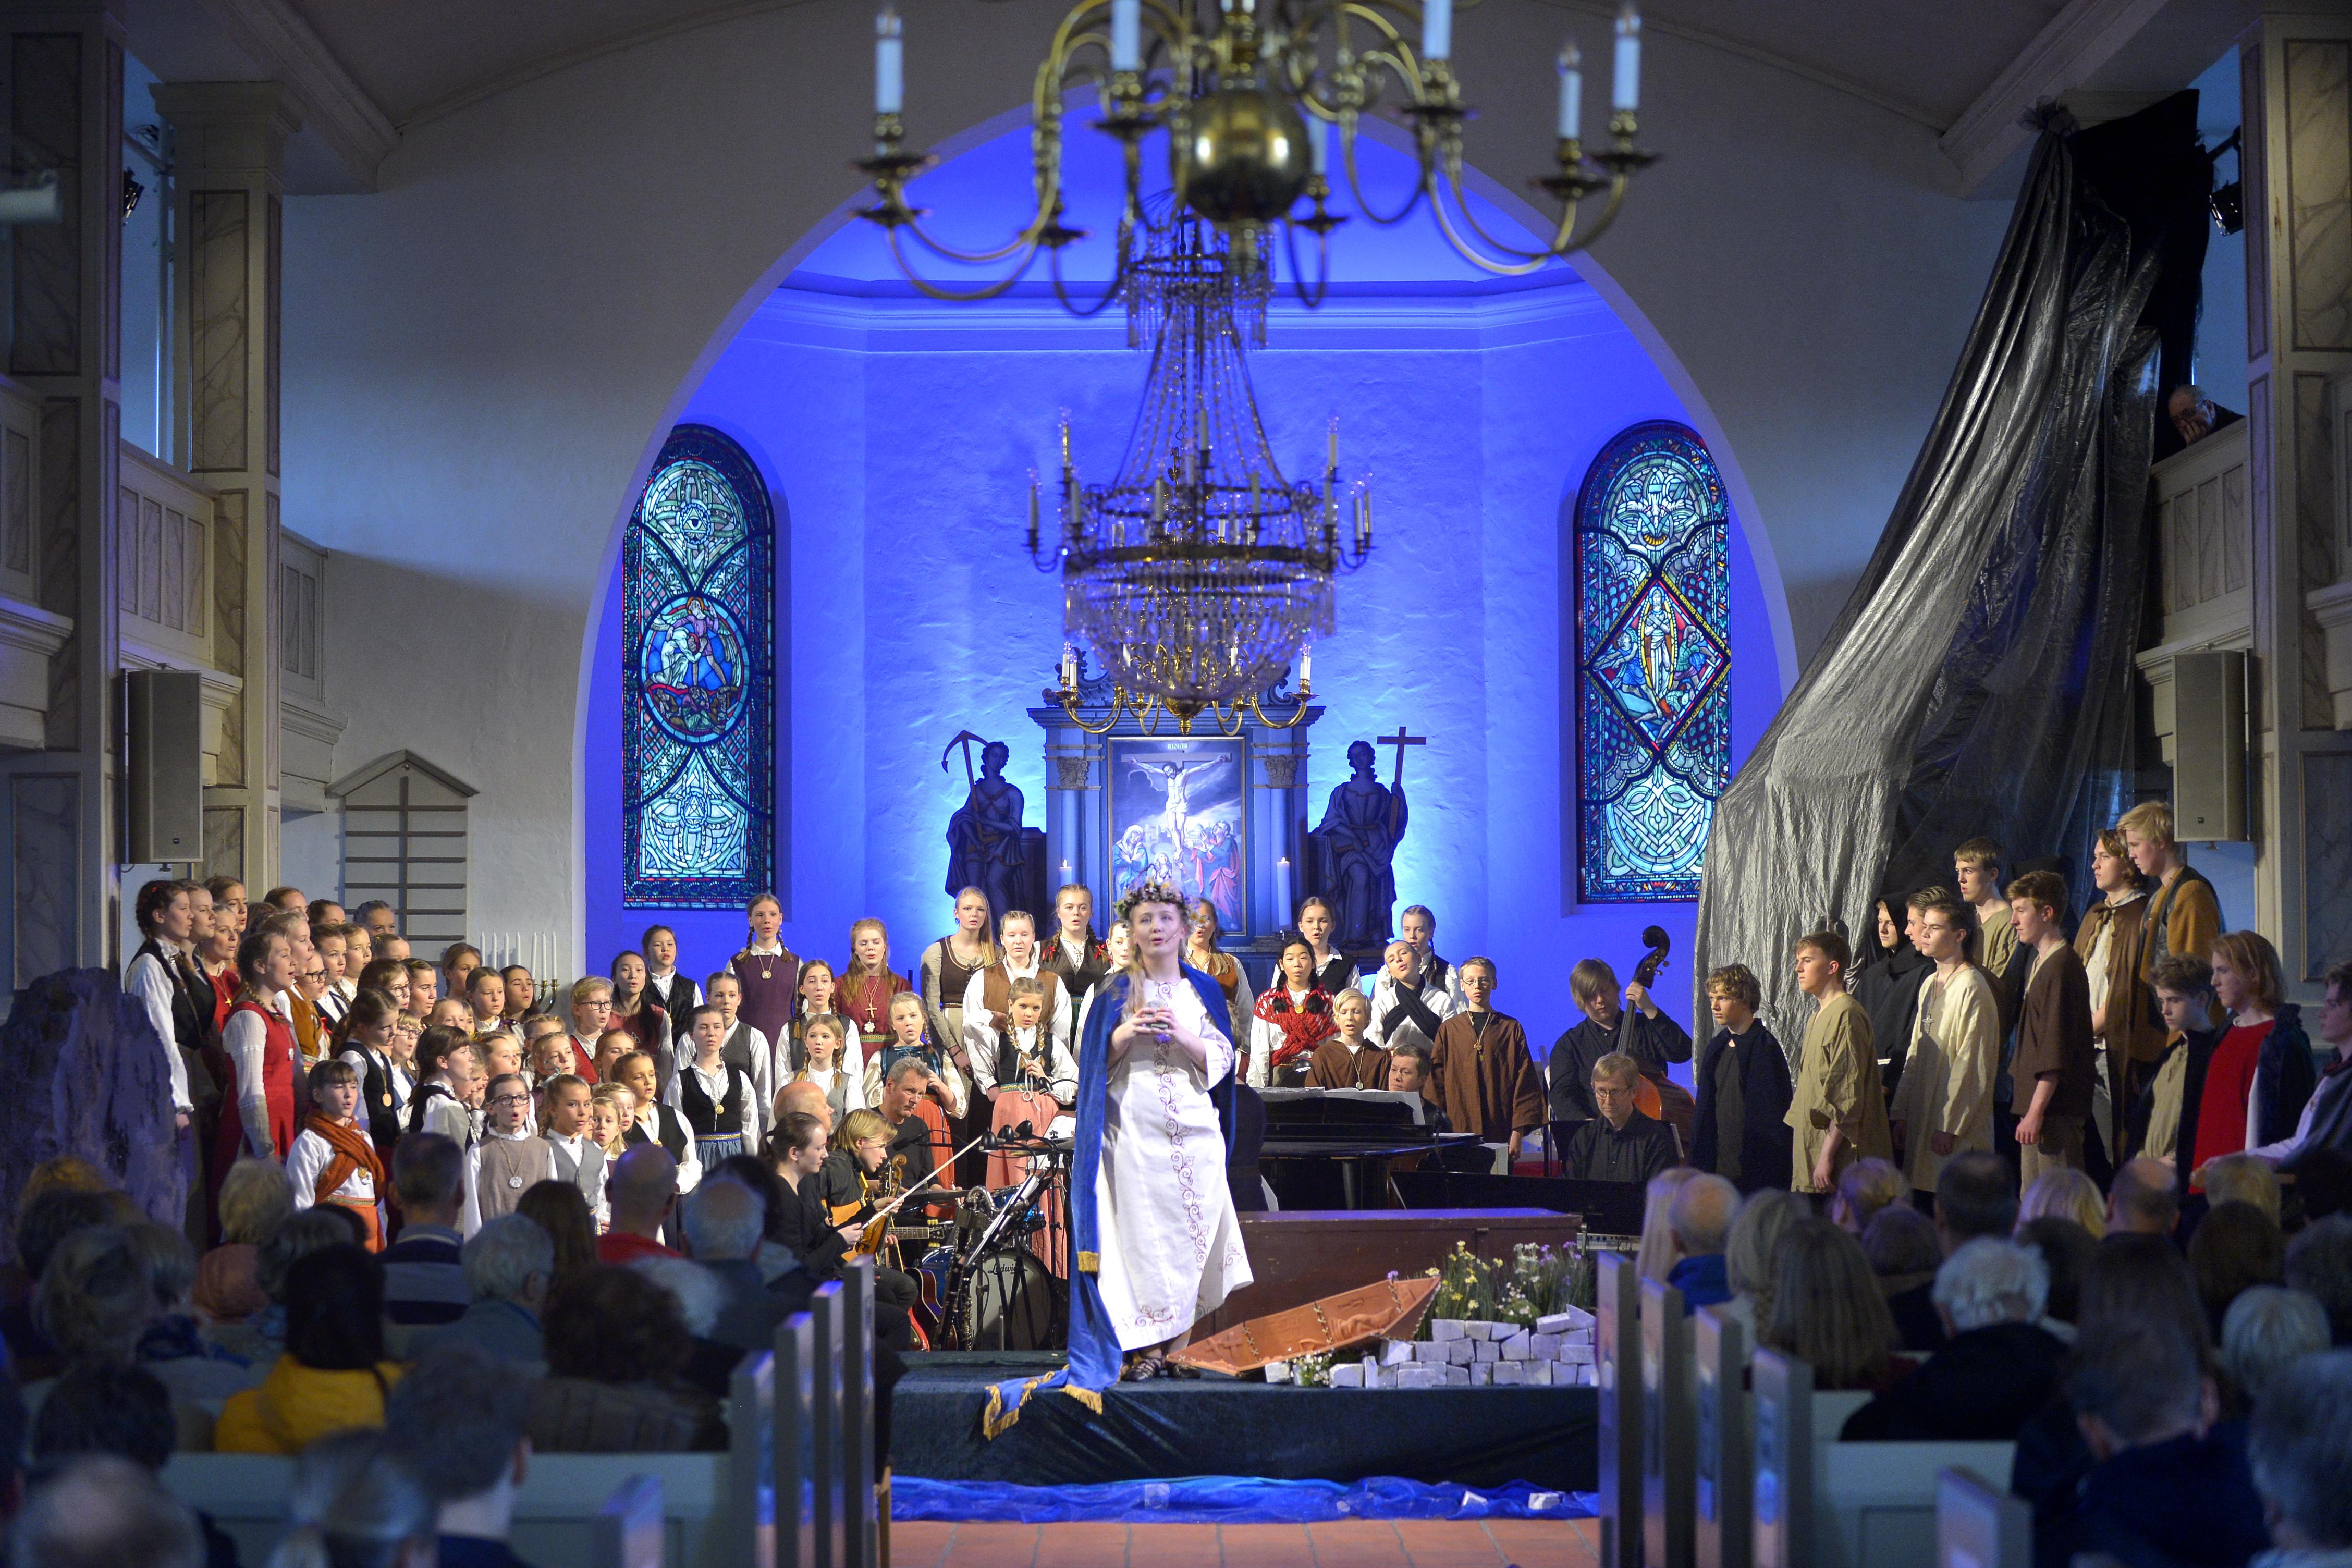 Kirkens korskole nøtterøy